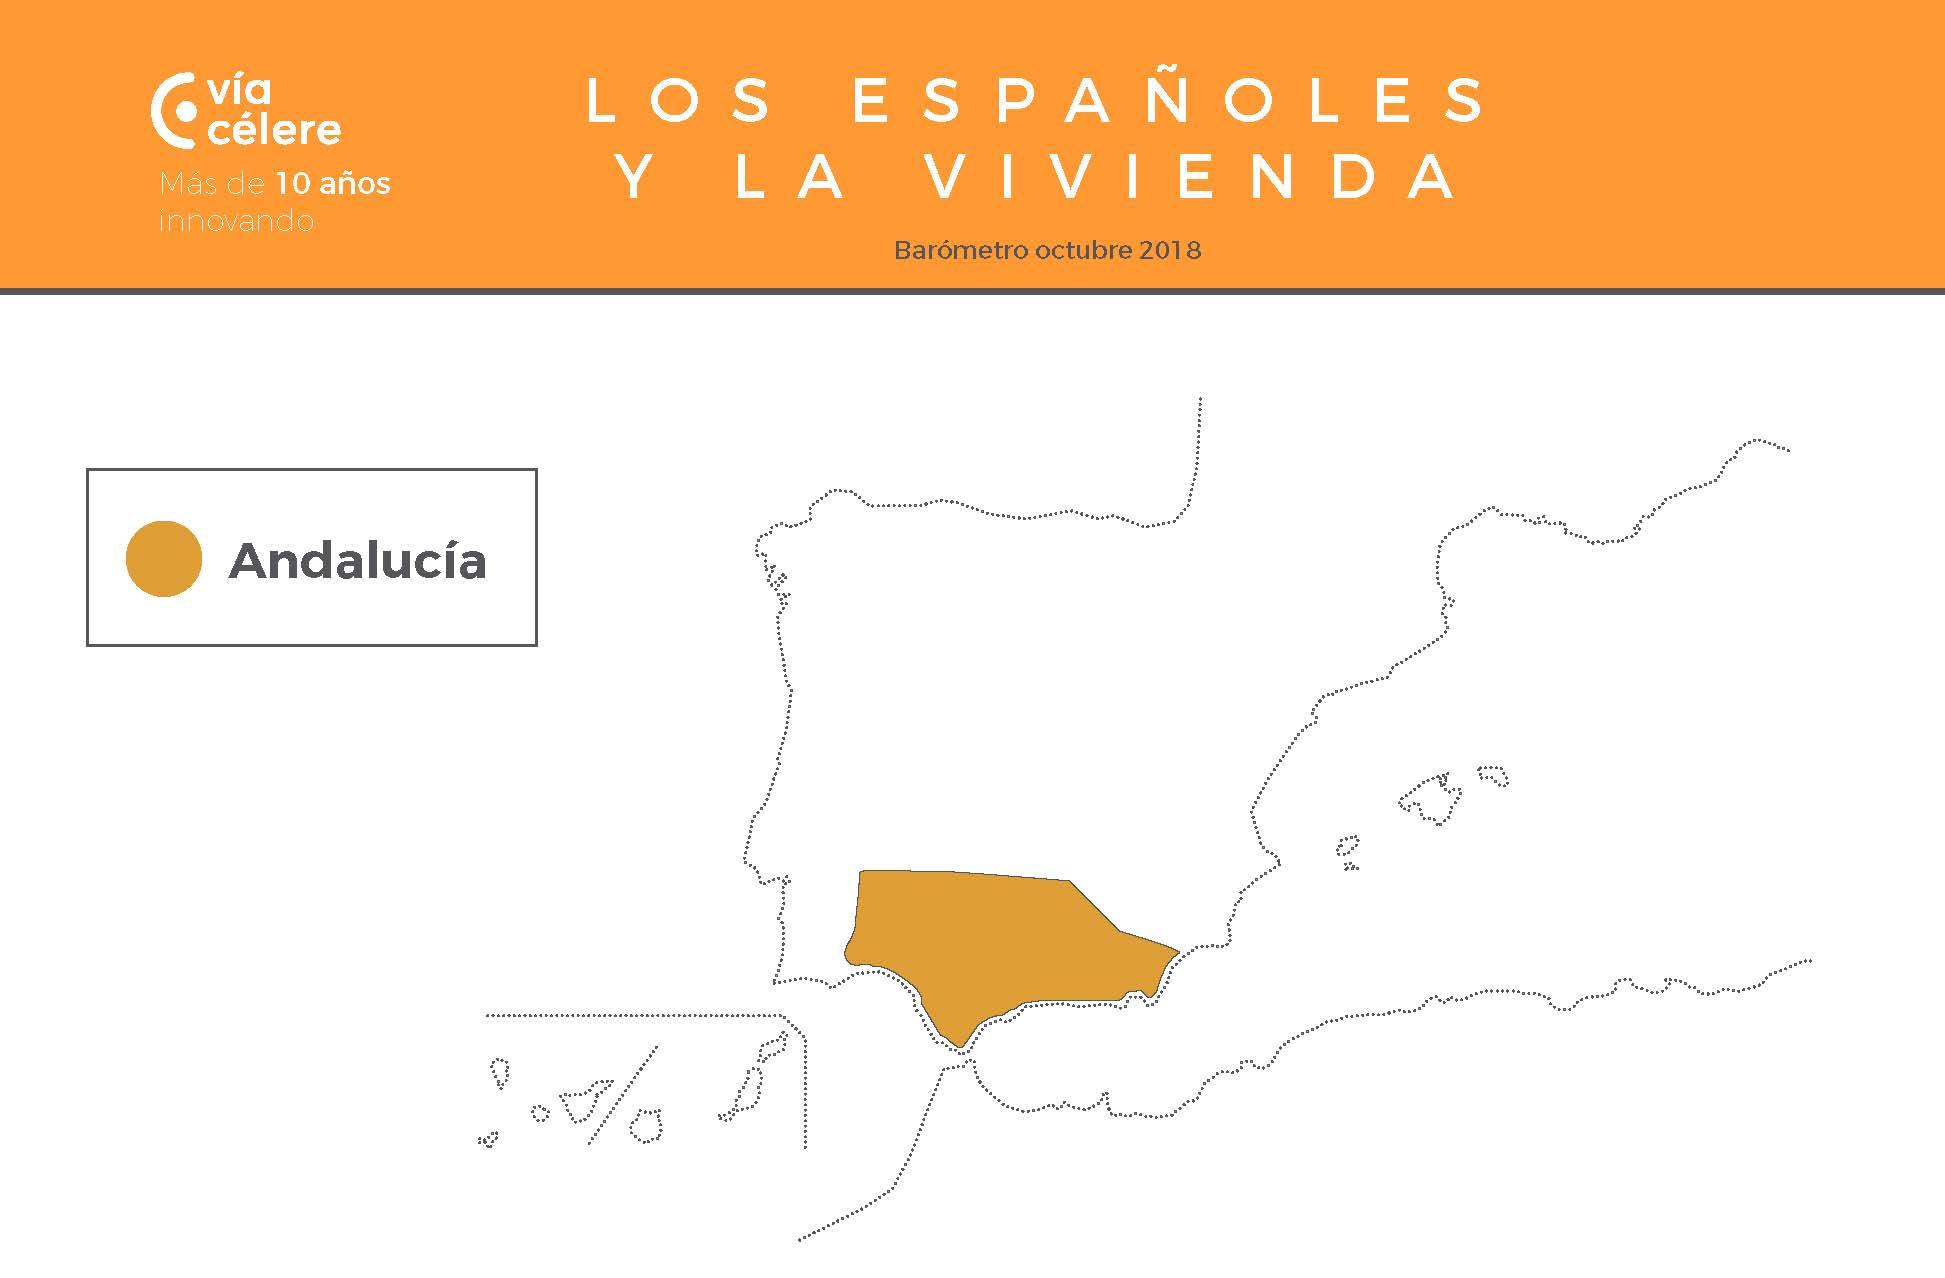 Barometro-Andalucía- La-vivienda-en-Espana